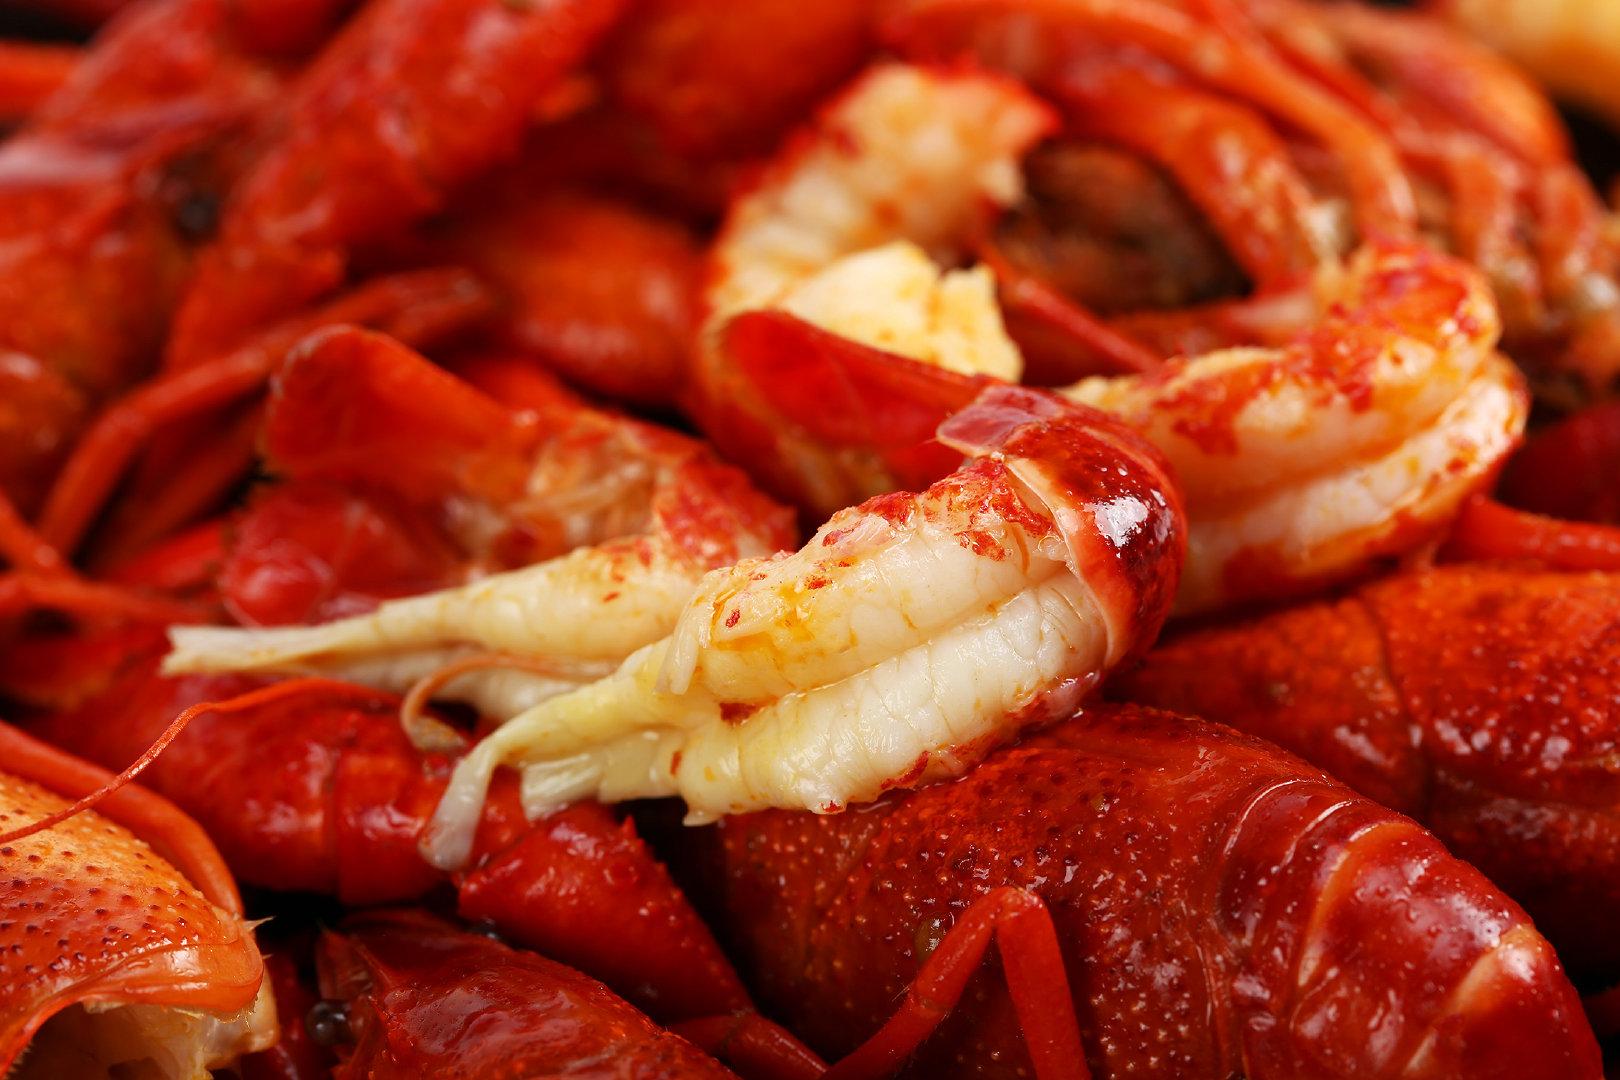 福利趣事丨小龙虾吃到一半竟活了一只,你遇到过吗